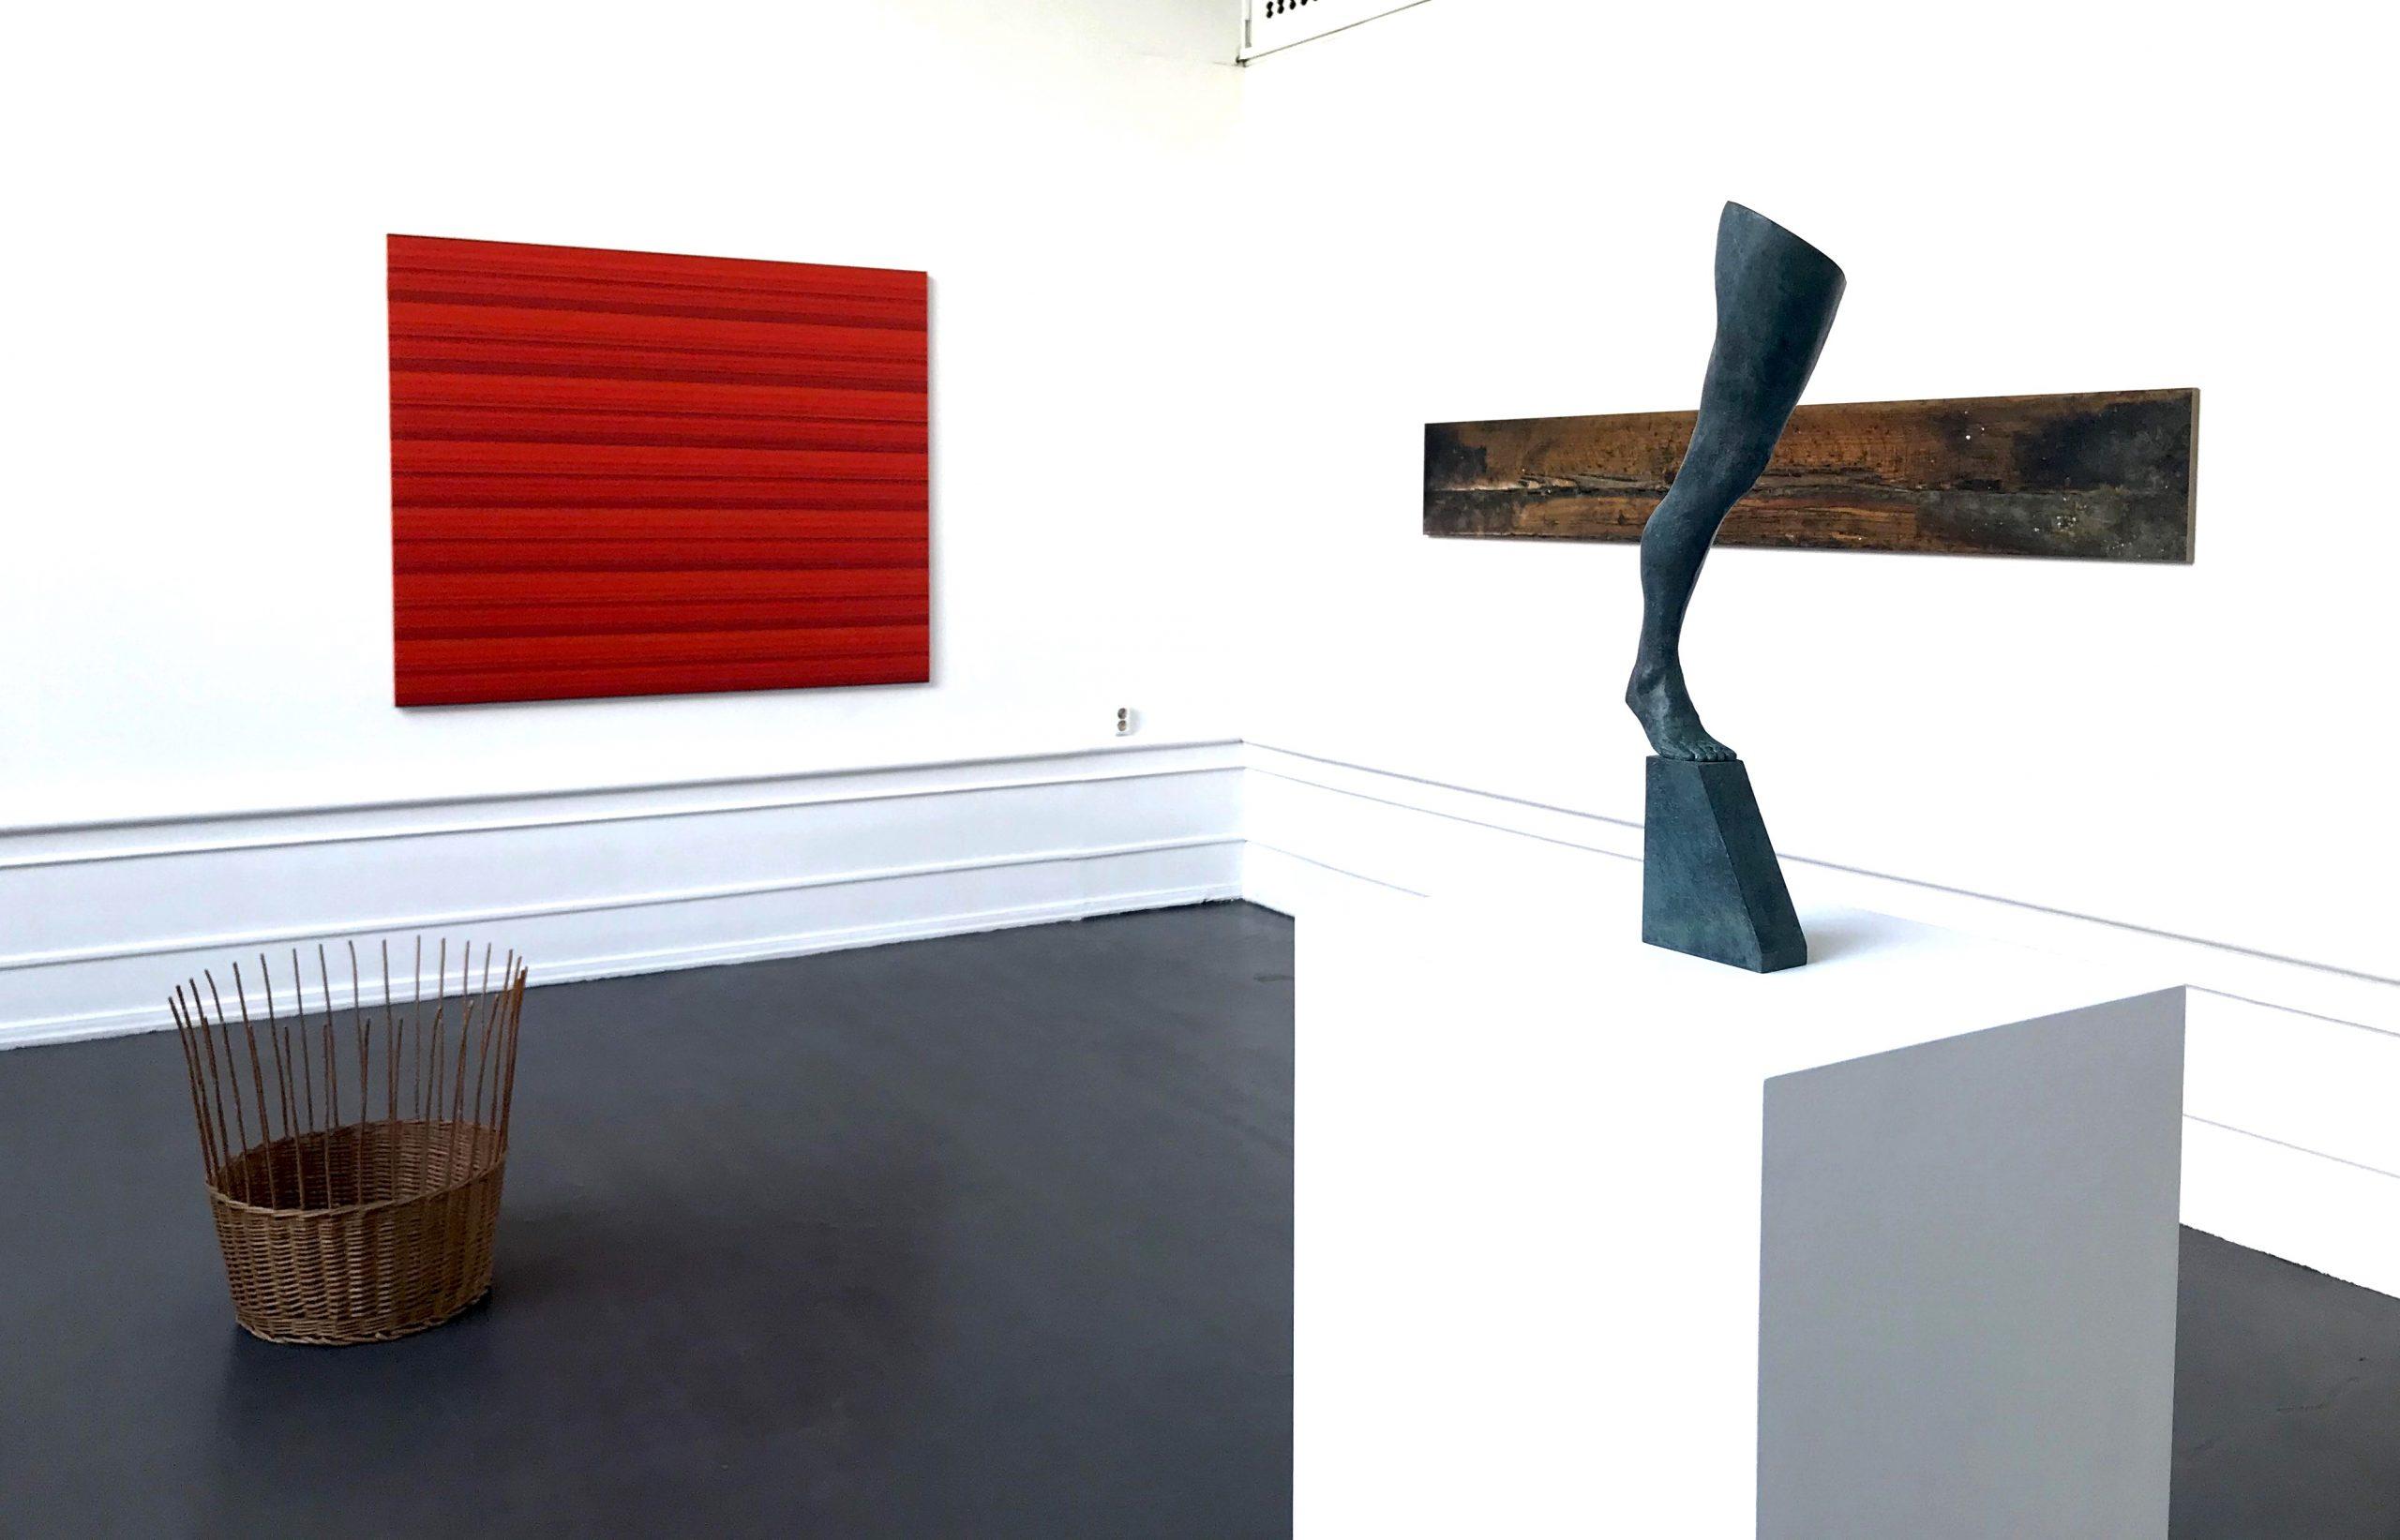 Ande och Materia / Mind and Matter, april 2020. Fredrik Wretman (Sculpture), Jakob Solgren (sculpture), Kristoffer Nilson (photography)